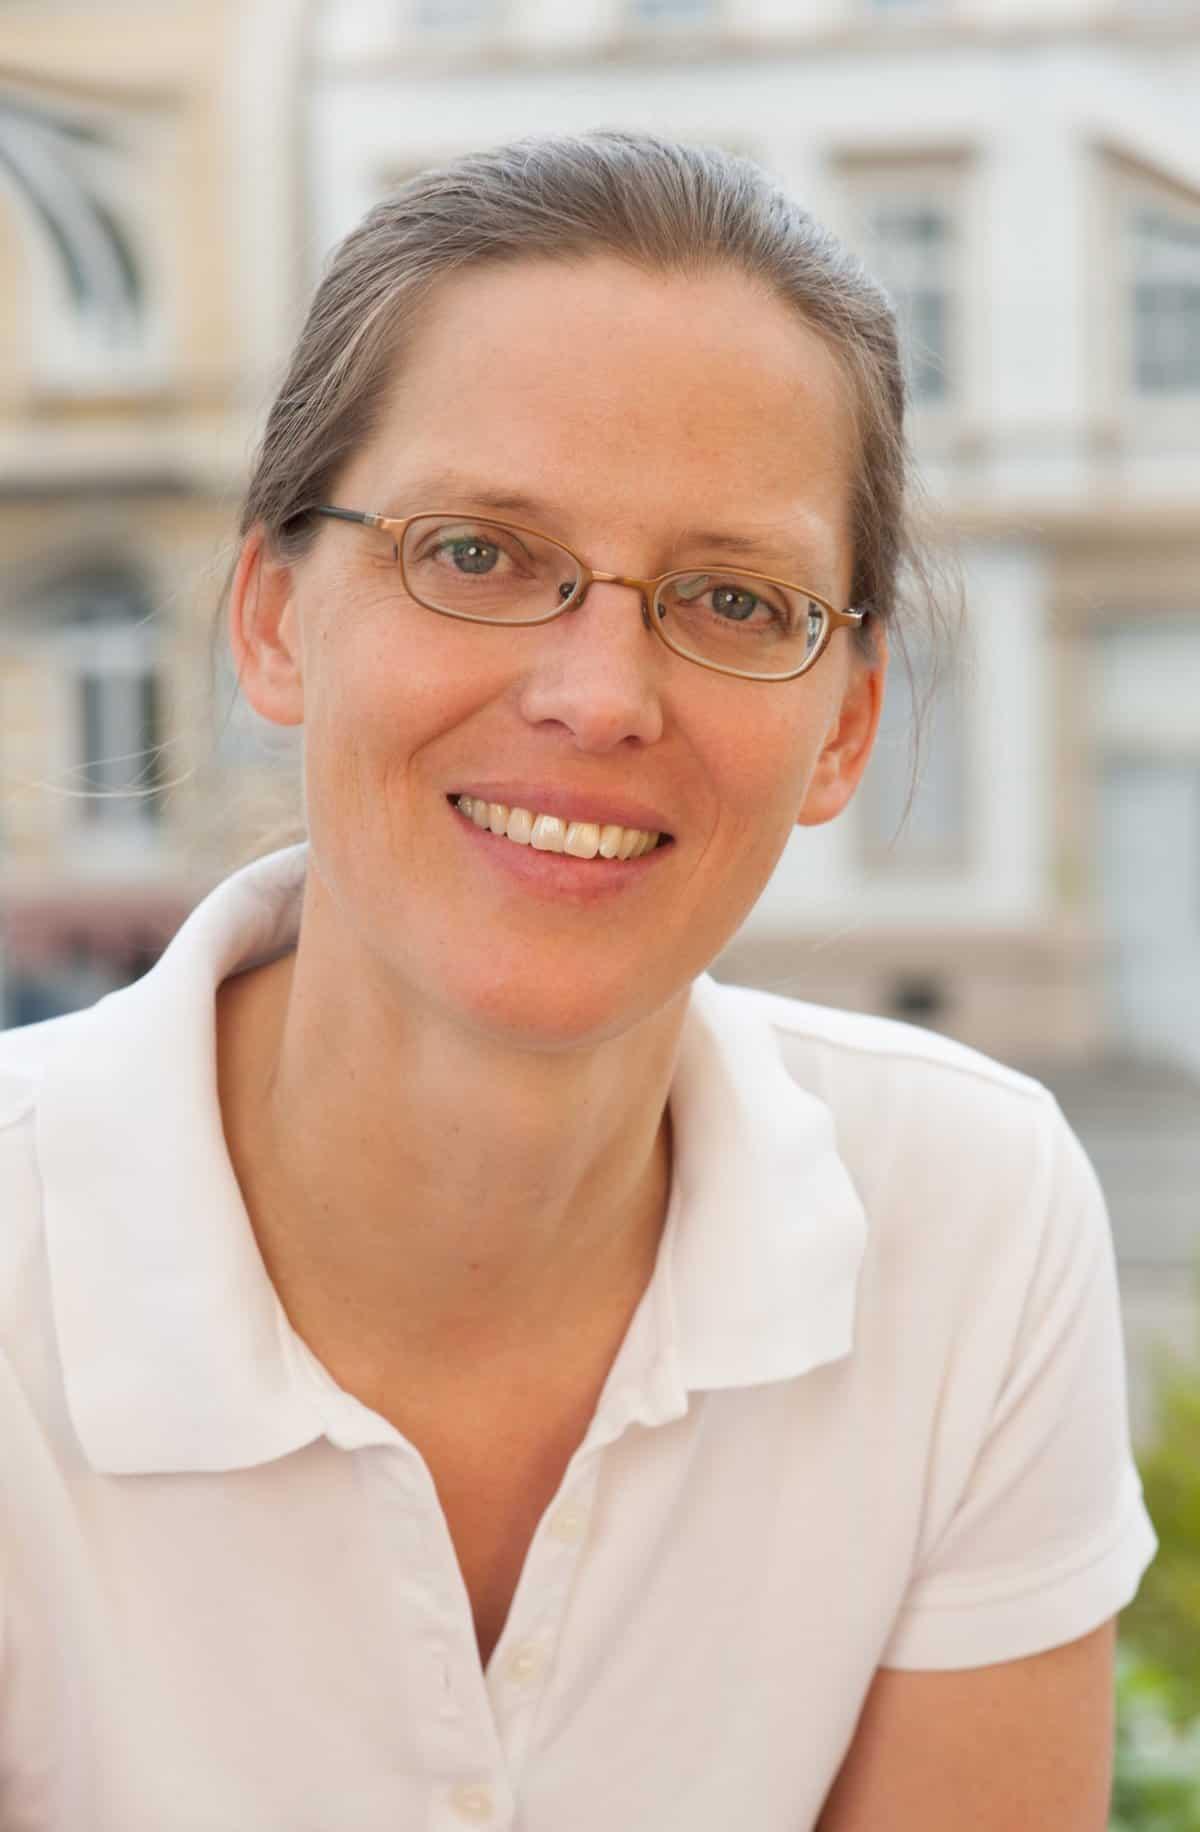 Unsere Expertin: Dr. Hendrike Durani, Hautfachärztin in Heidelberg